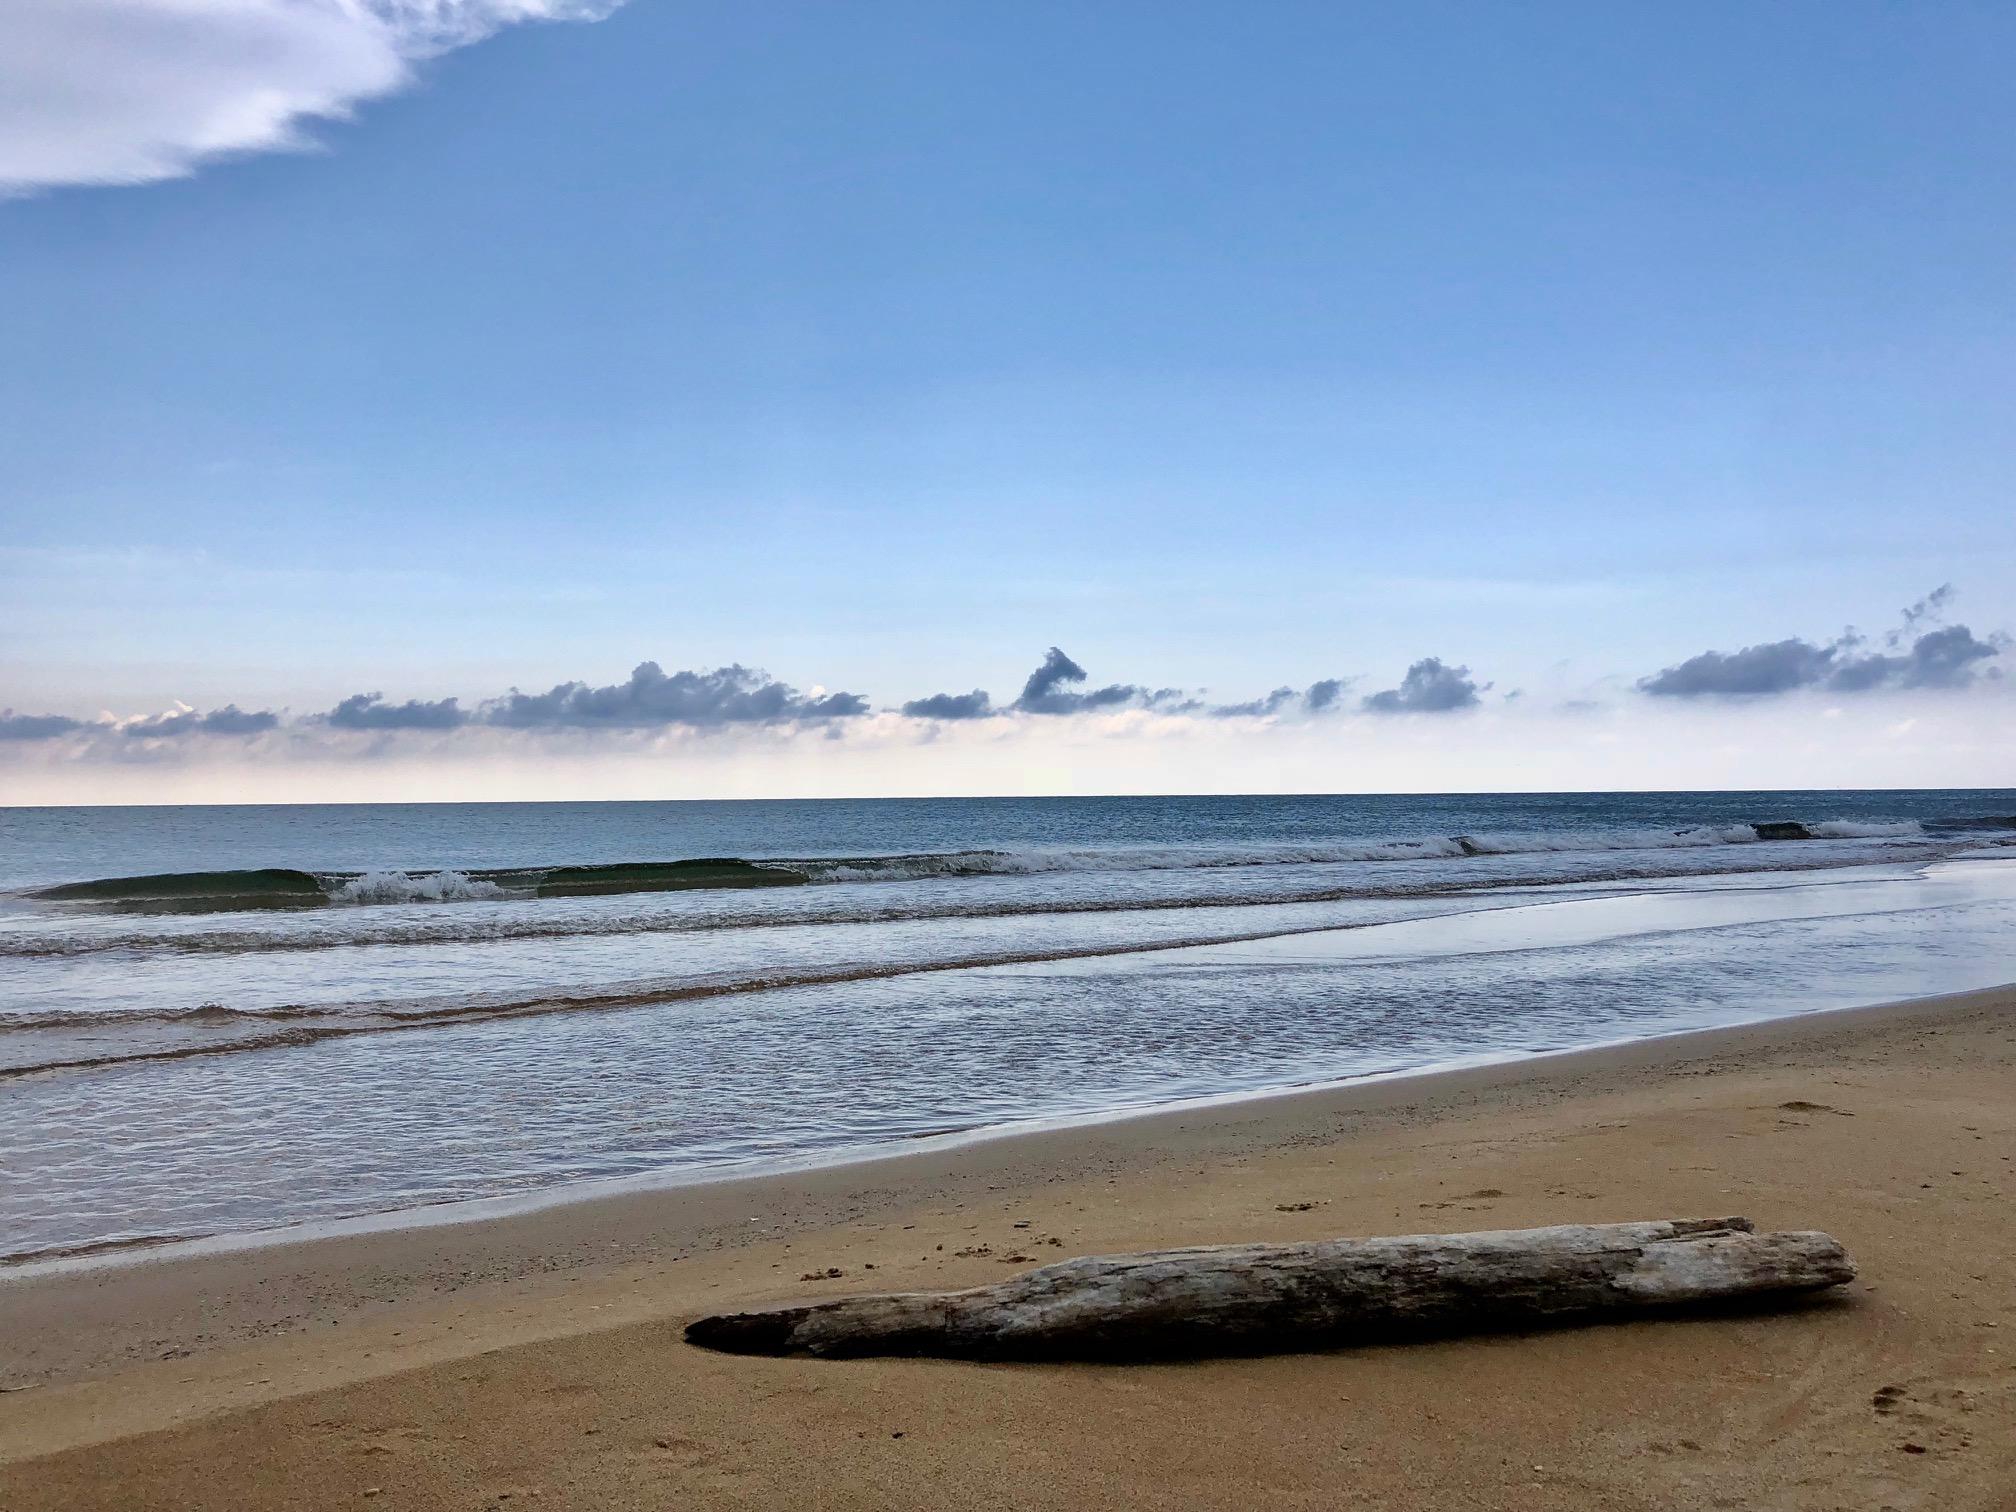 """Coronavirus, Siaaic: """"Aria di mare fa bene, anche se con ingressi ridotti  in spiaggia"""" - DIRE.it"""